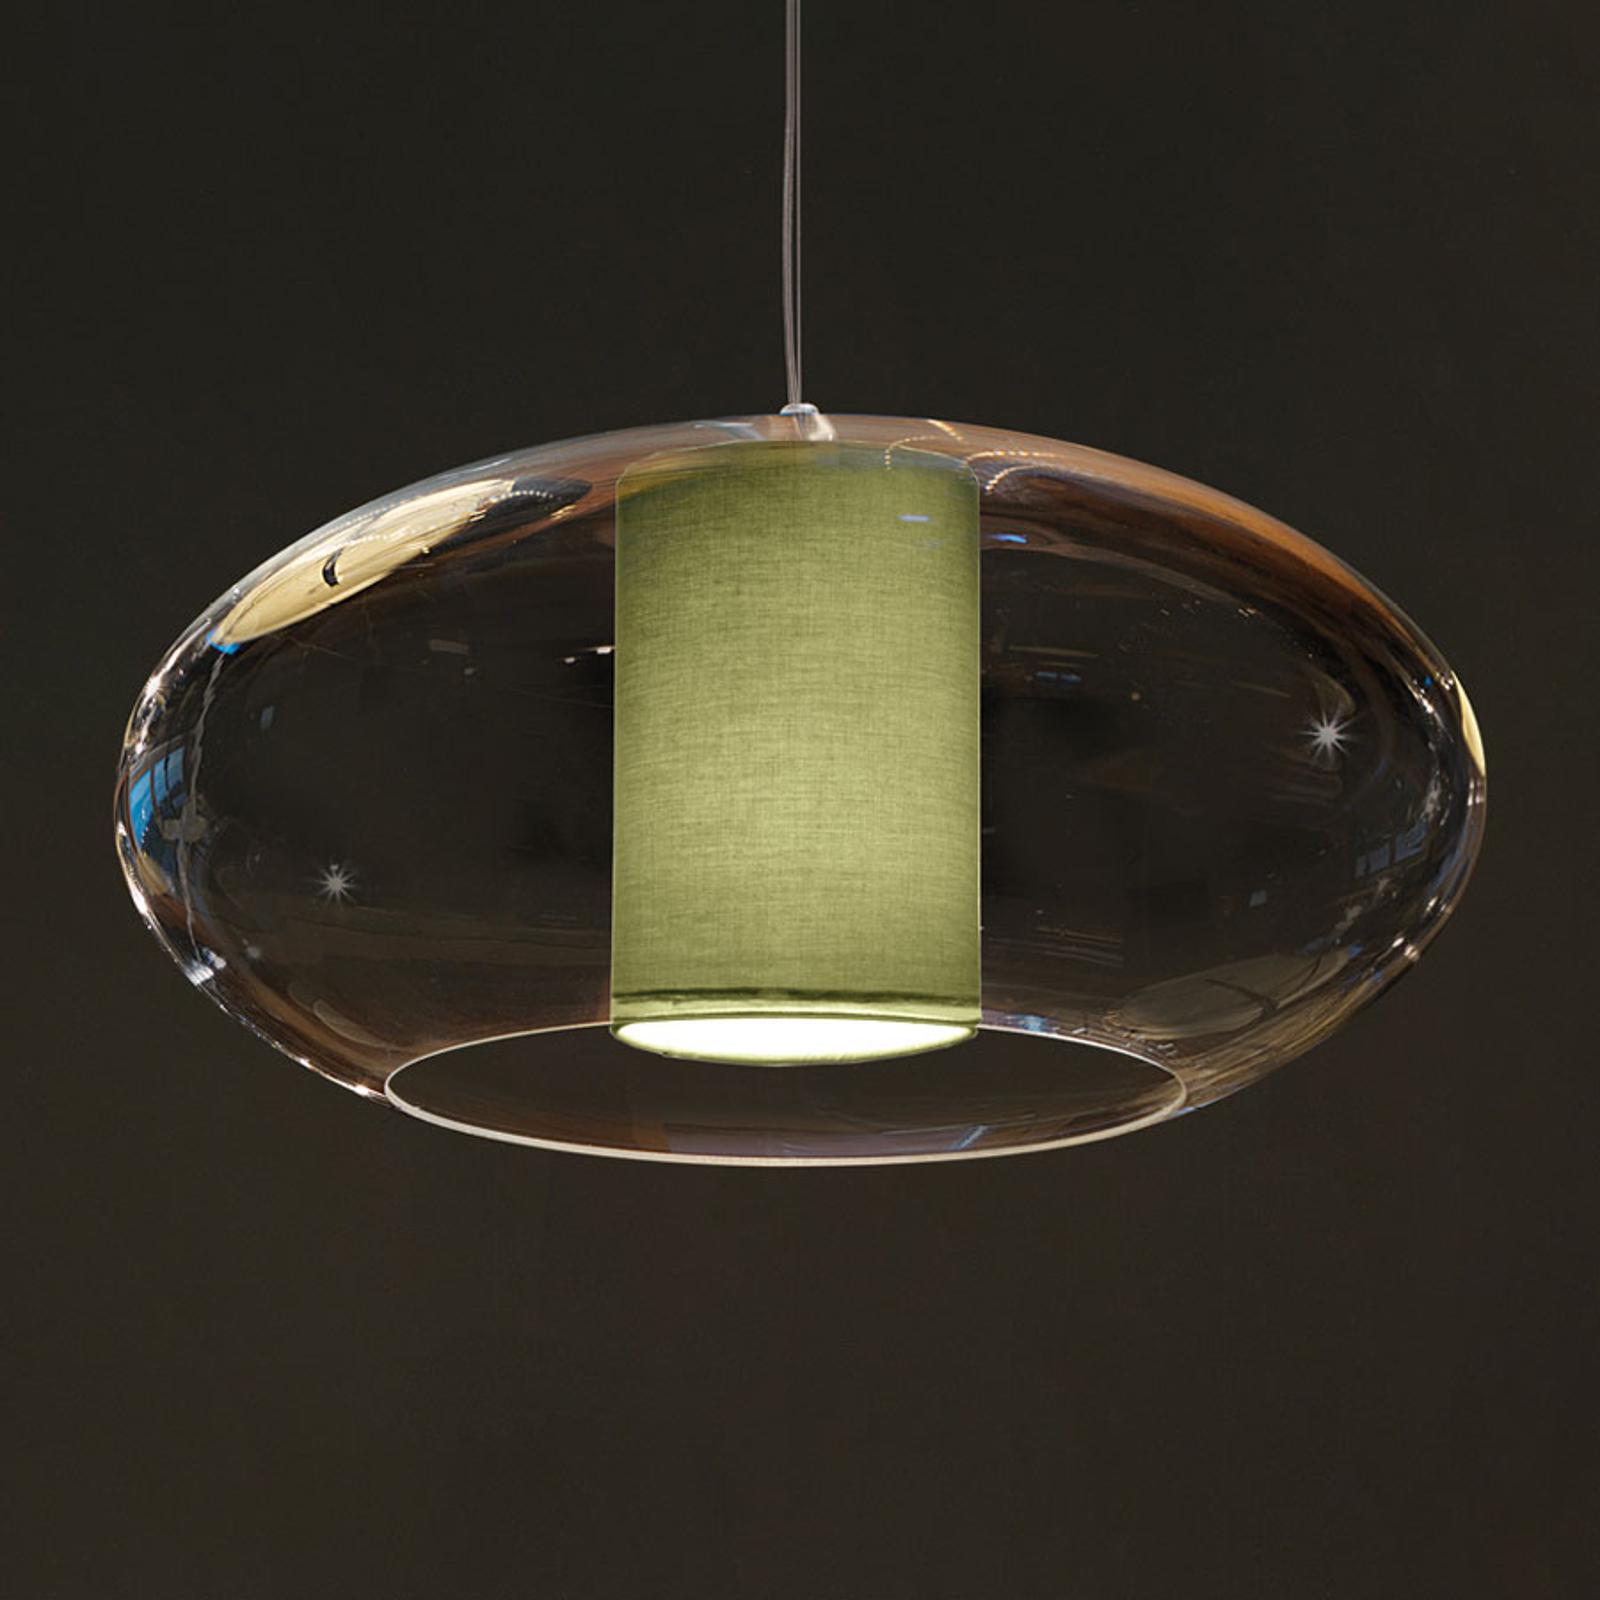 Modo Luce Ellisse lampa wisząca Ø 60 cm zielona